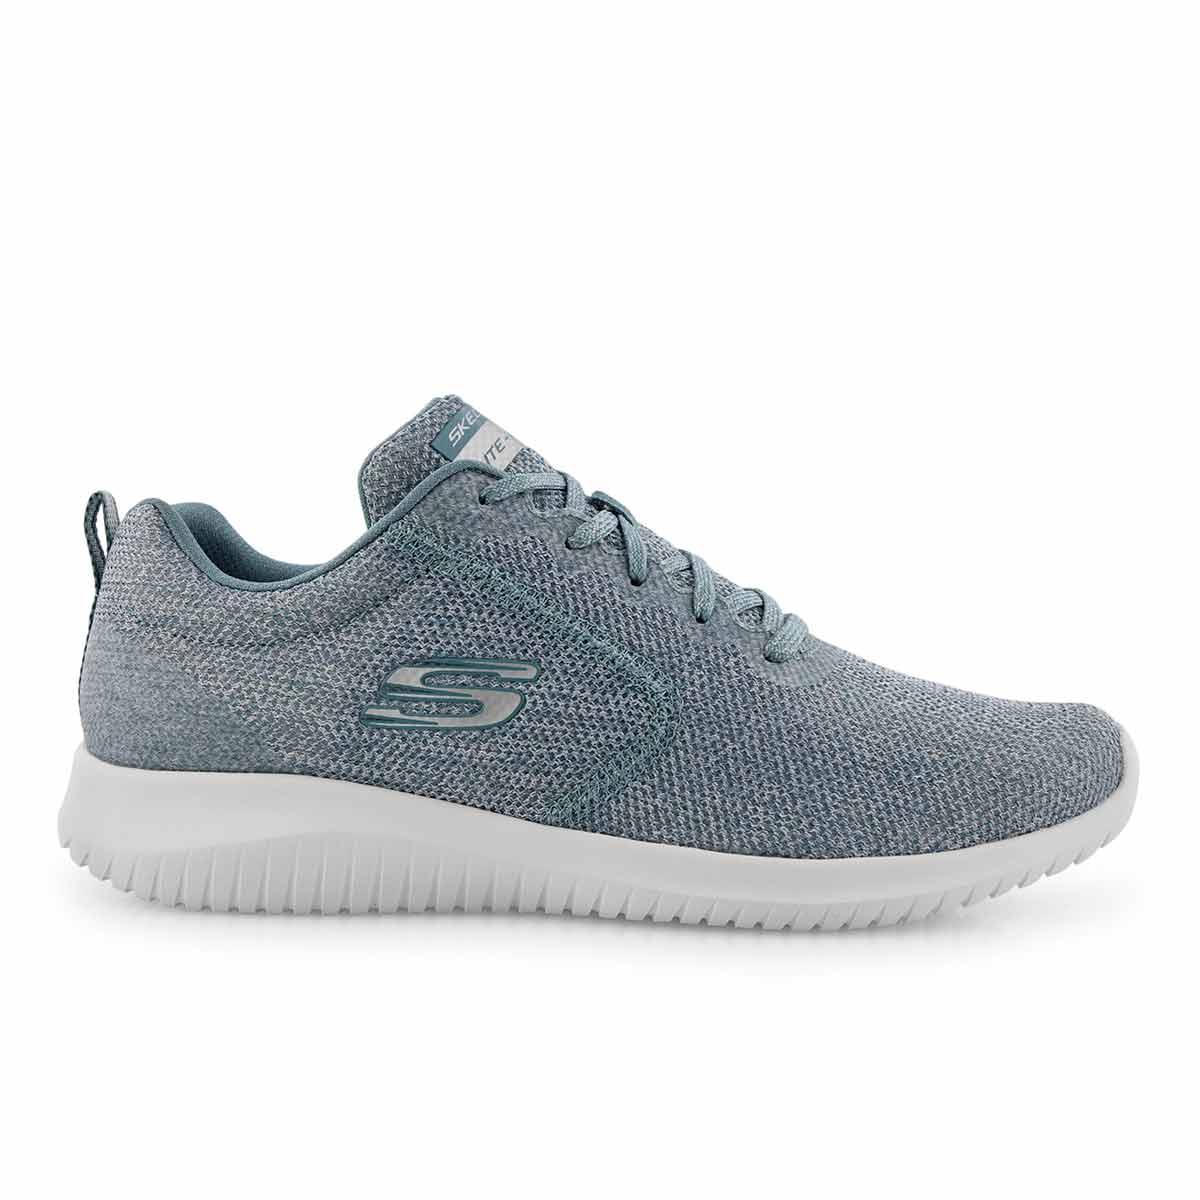 Shop Skechers Women's Ultra Flex Simply Free Sneaker Sage